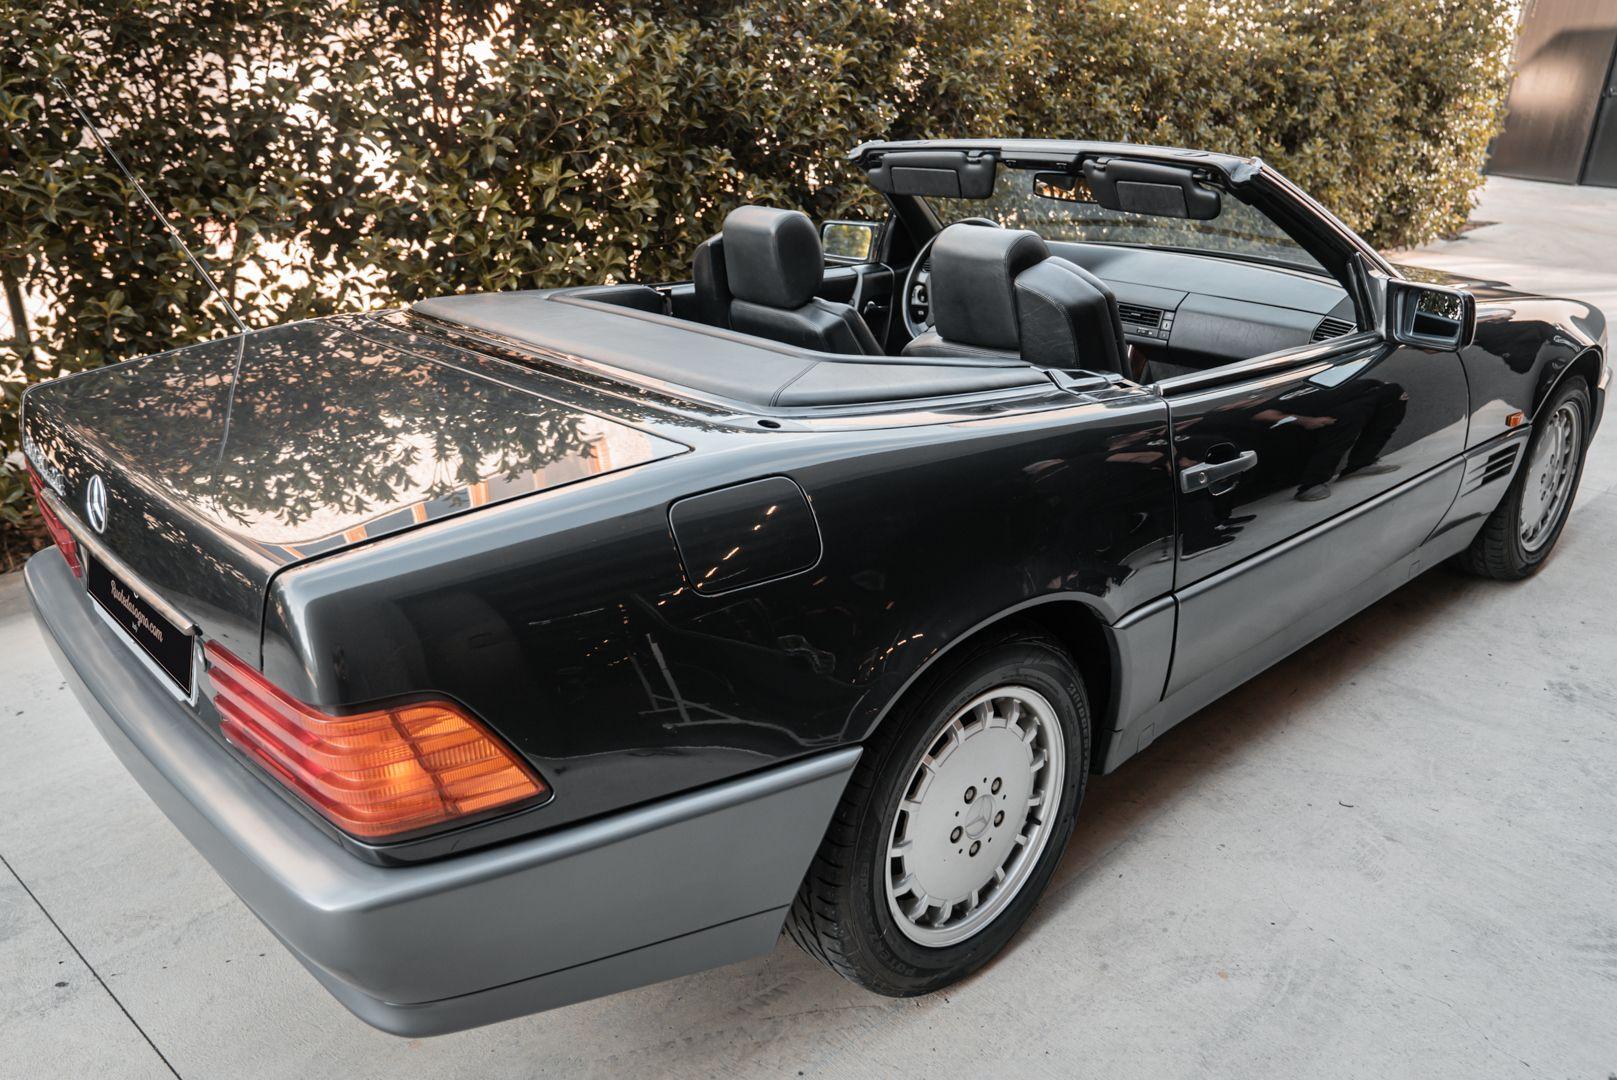 1992 Mercedes Benz 300 SL 24 V 80601